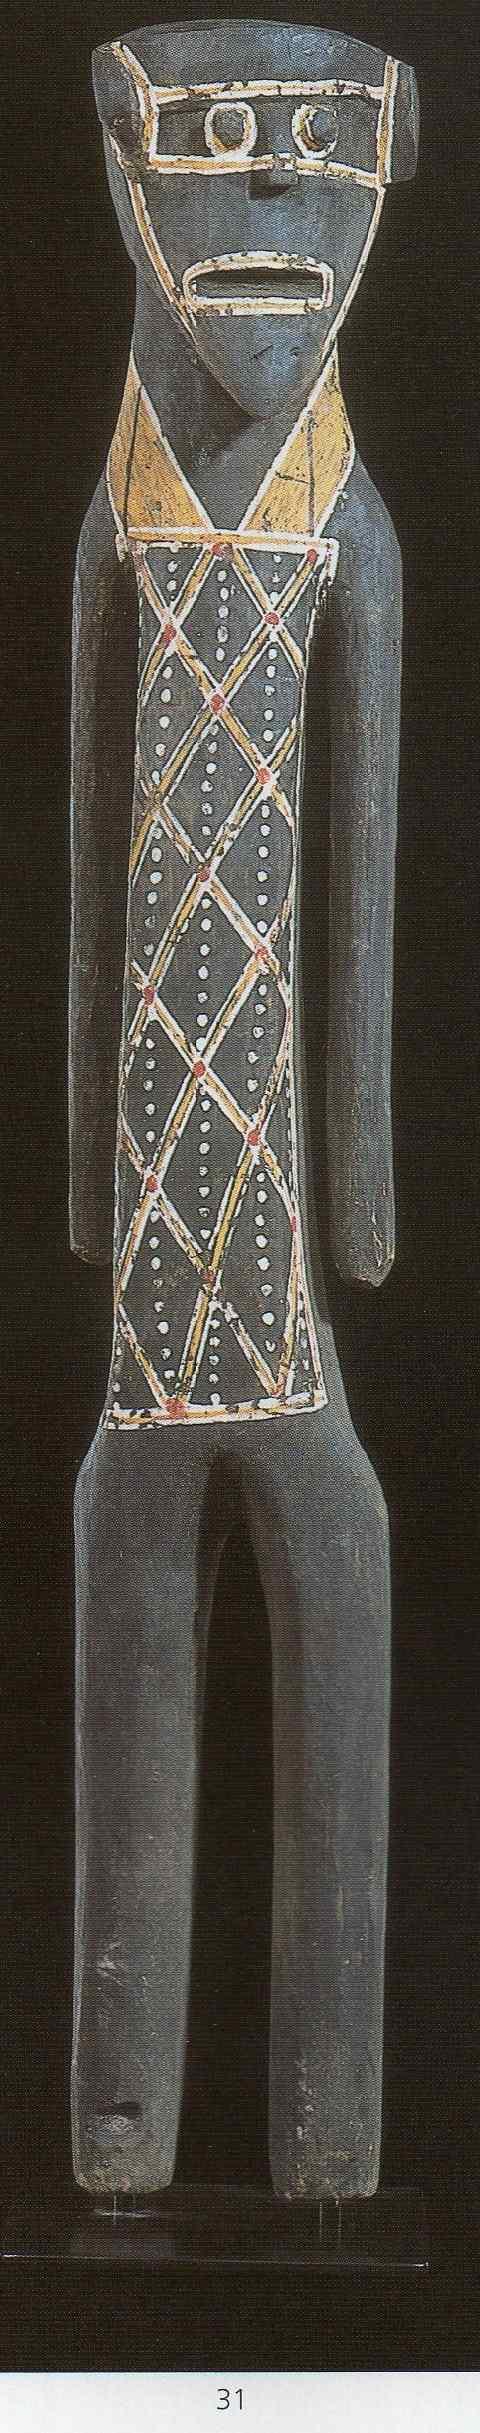 LIPUNDJA 3